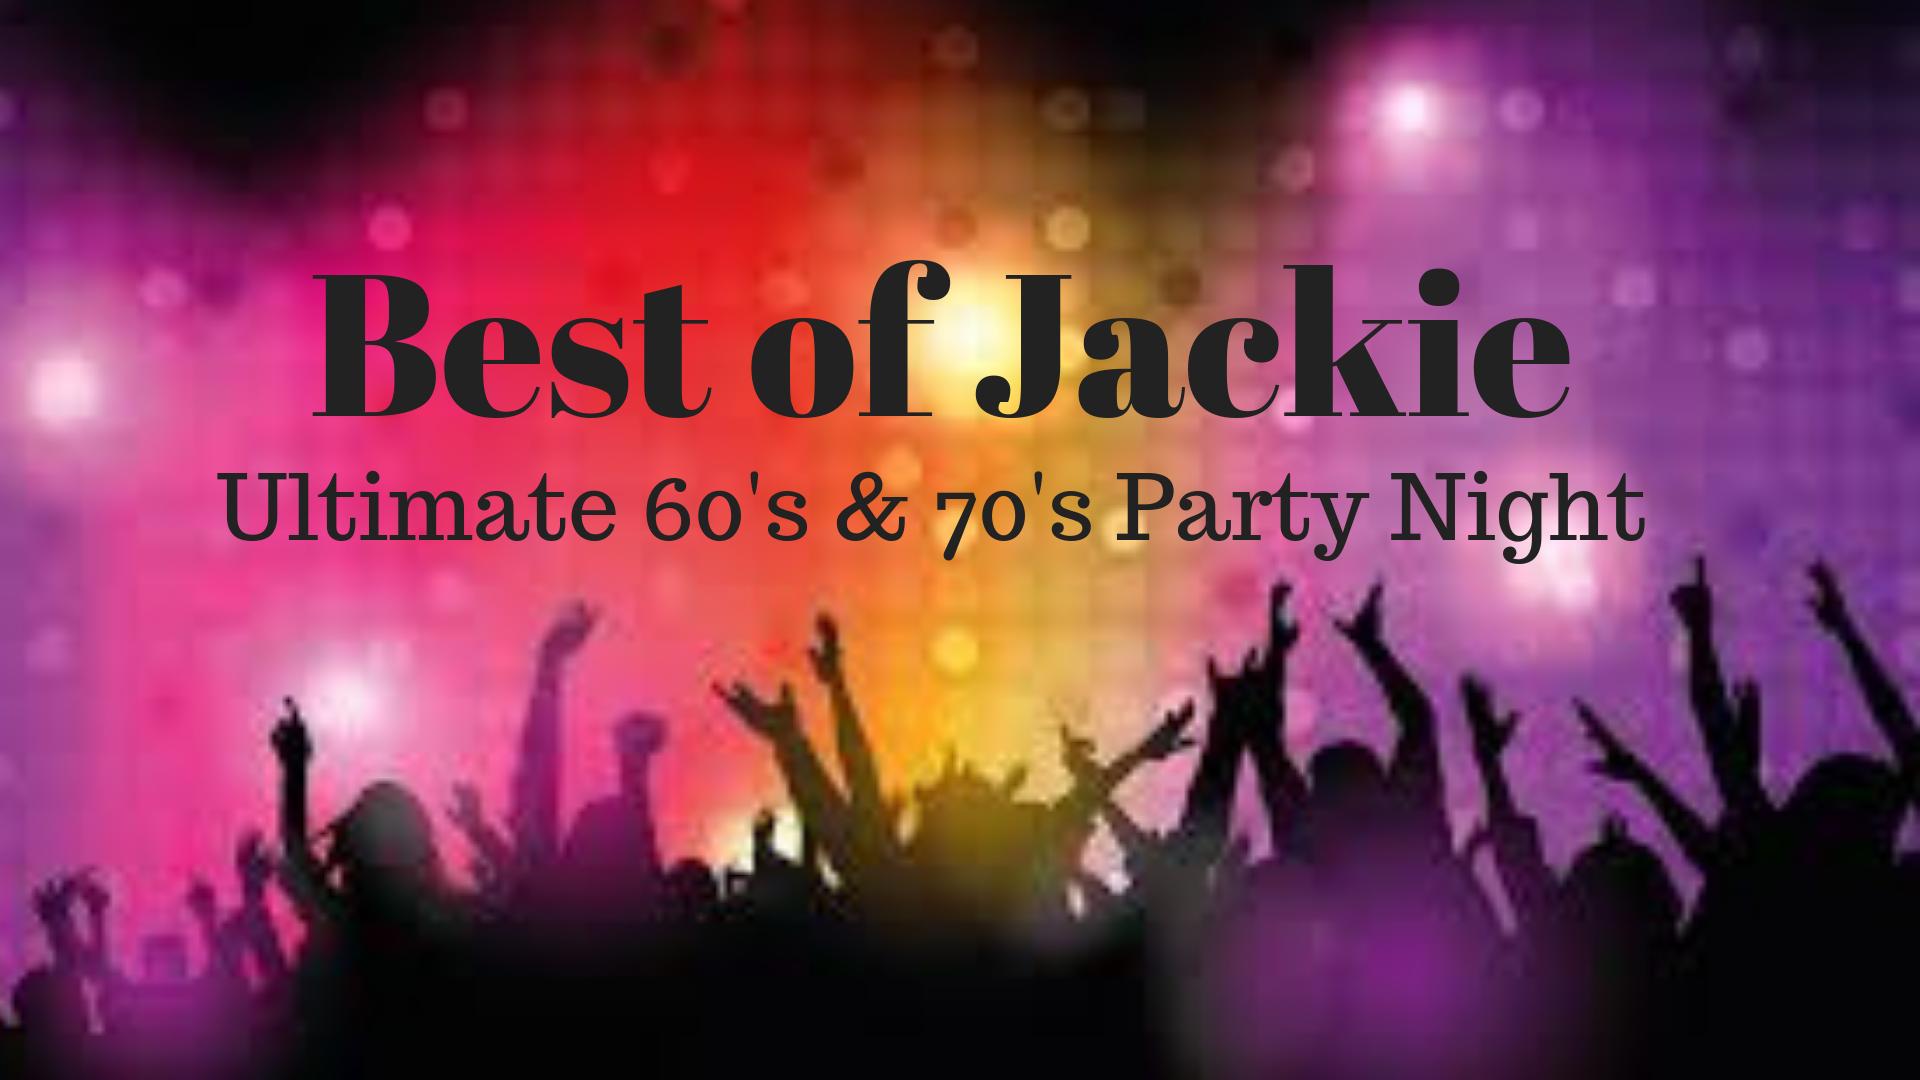 Best of Jackie